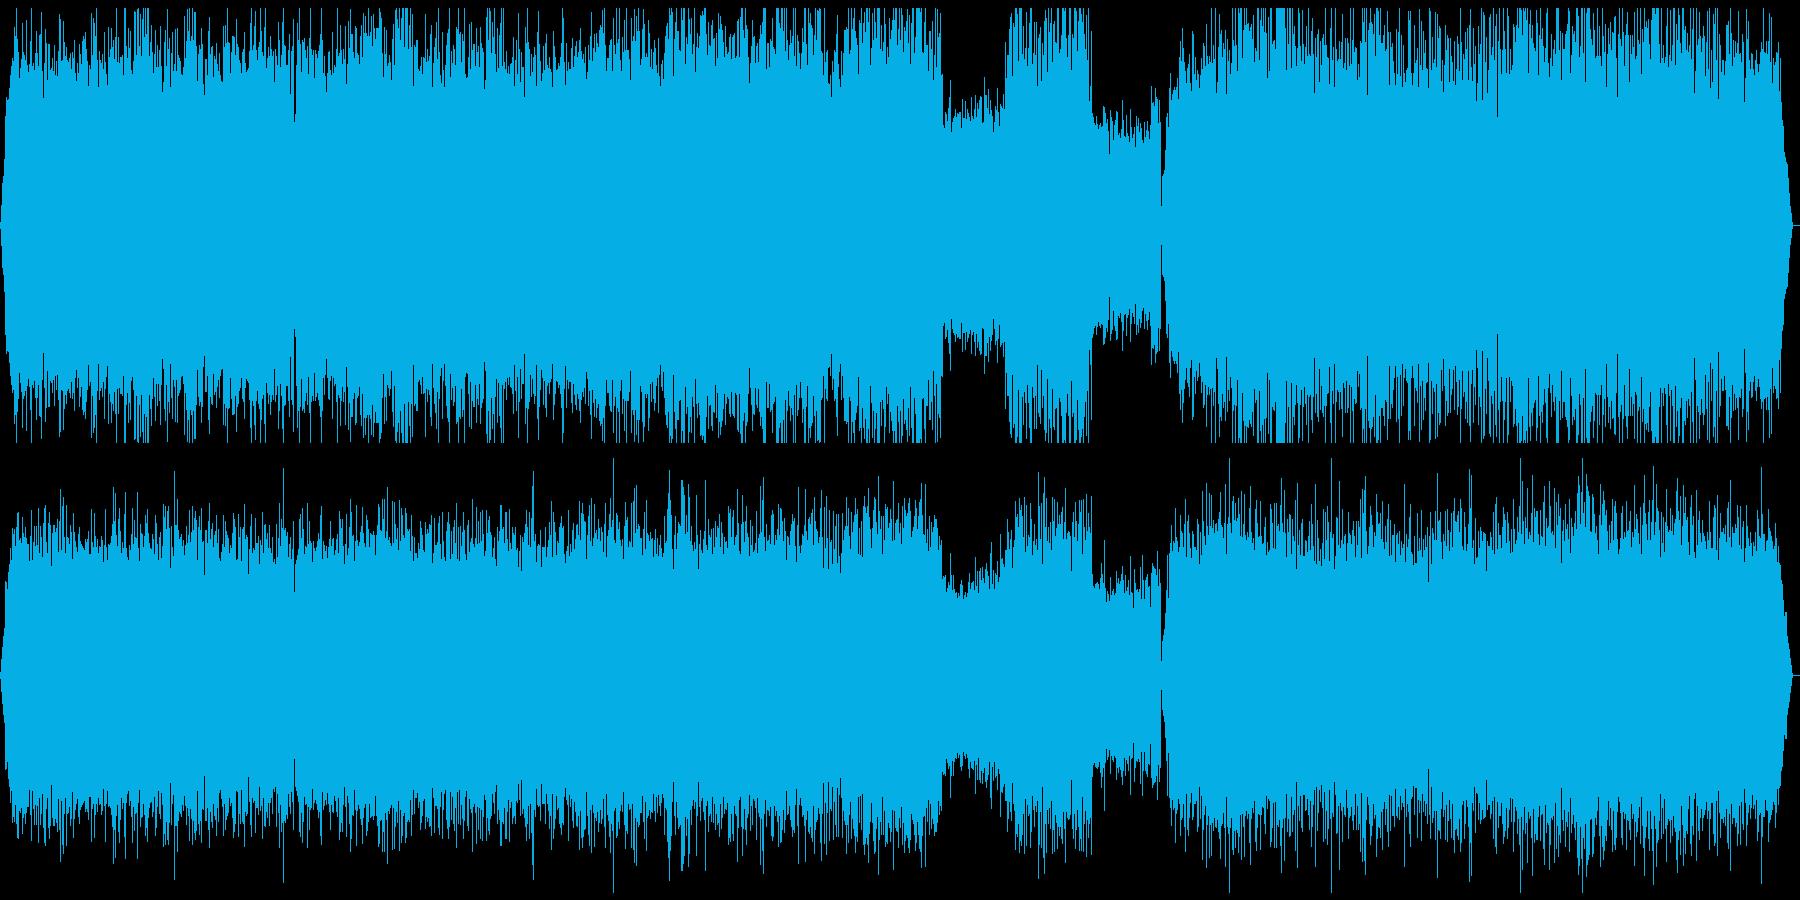 北海道の音景色・豊かな自然・ゲロゲロ・蛙の再生済みの波形